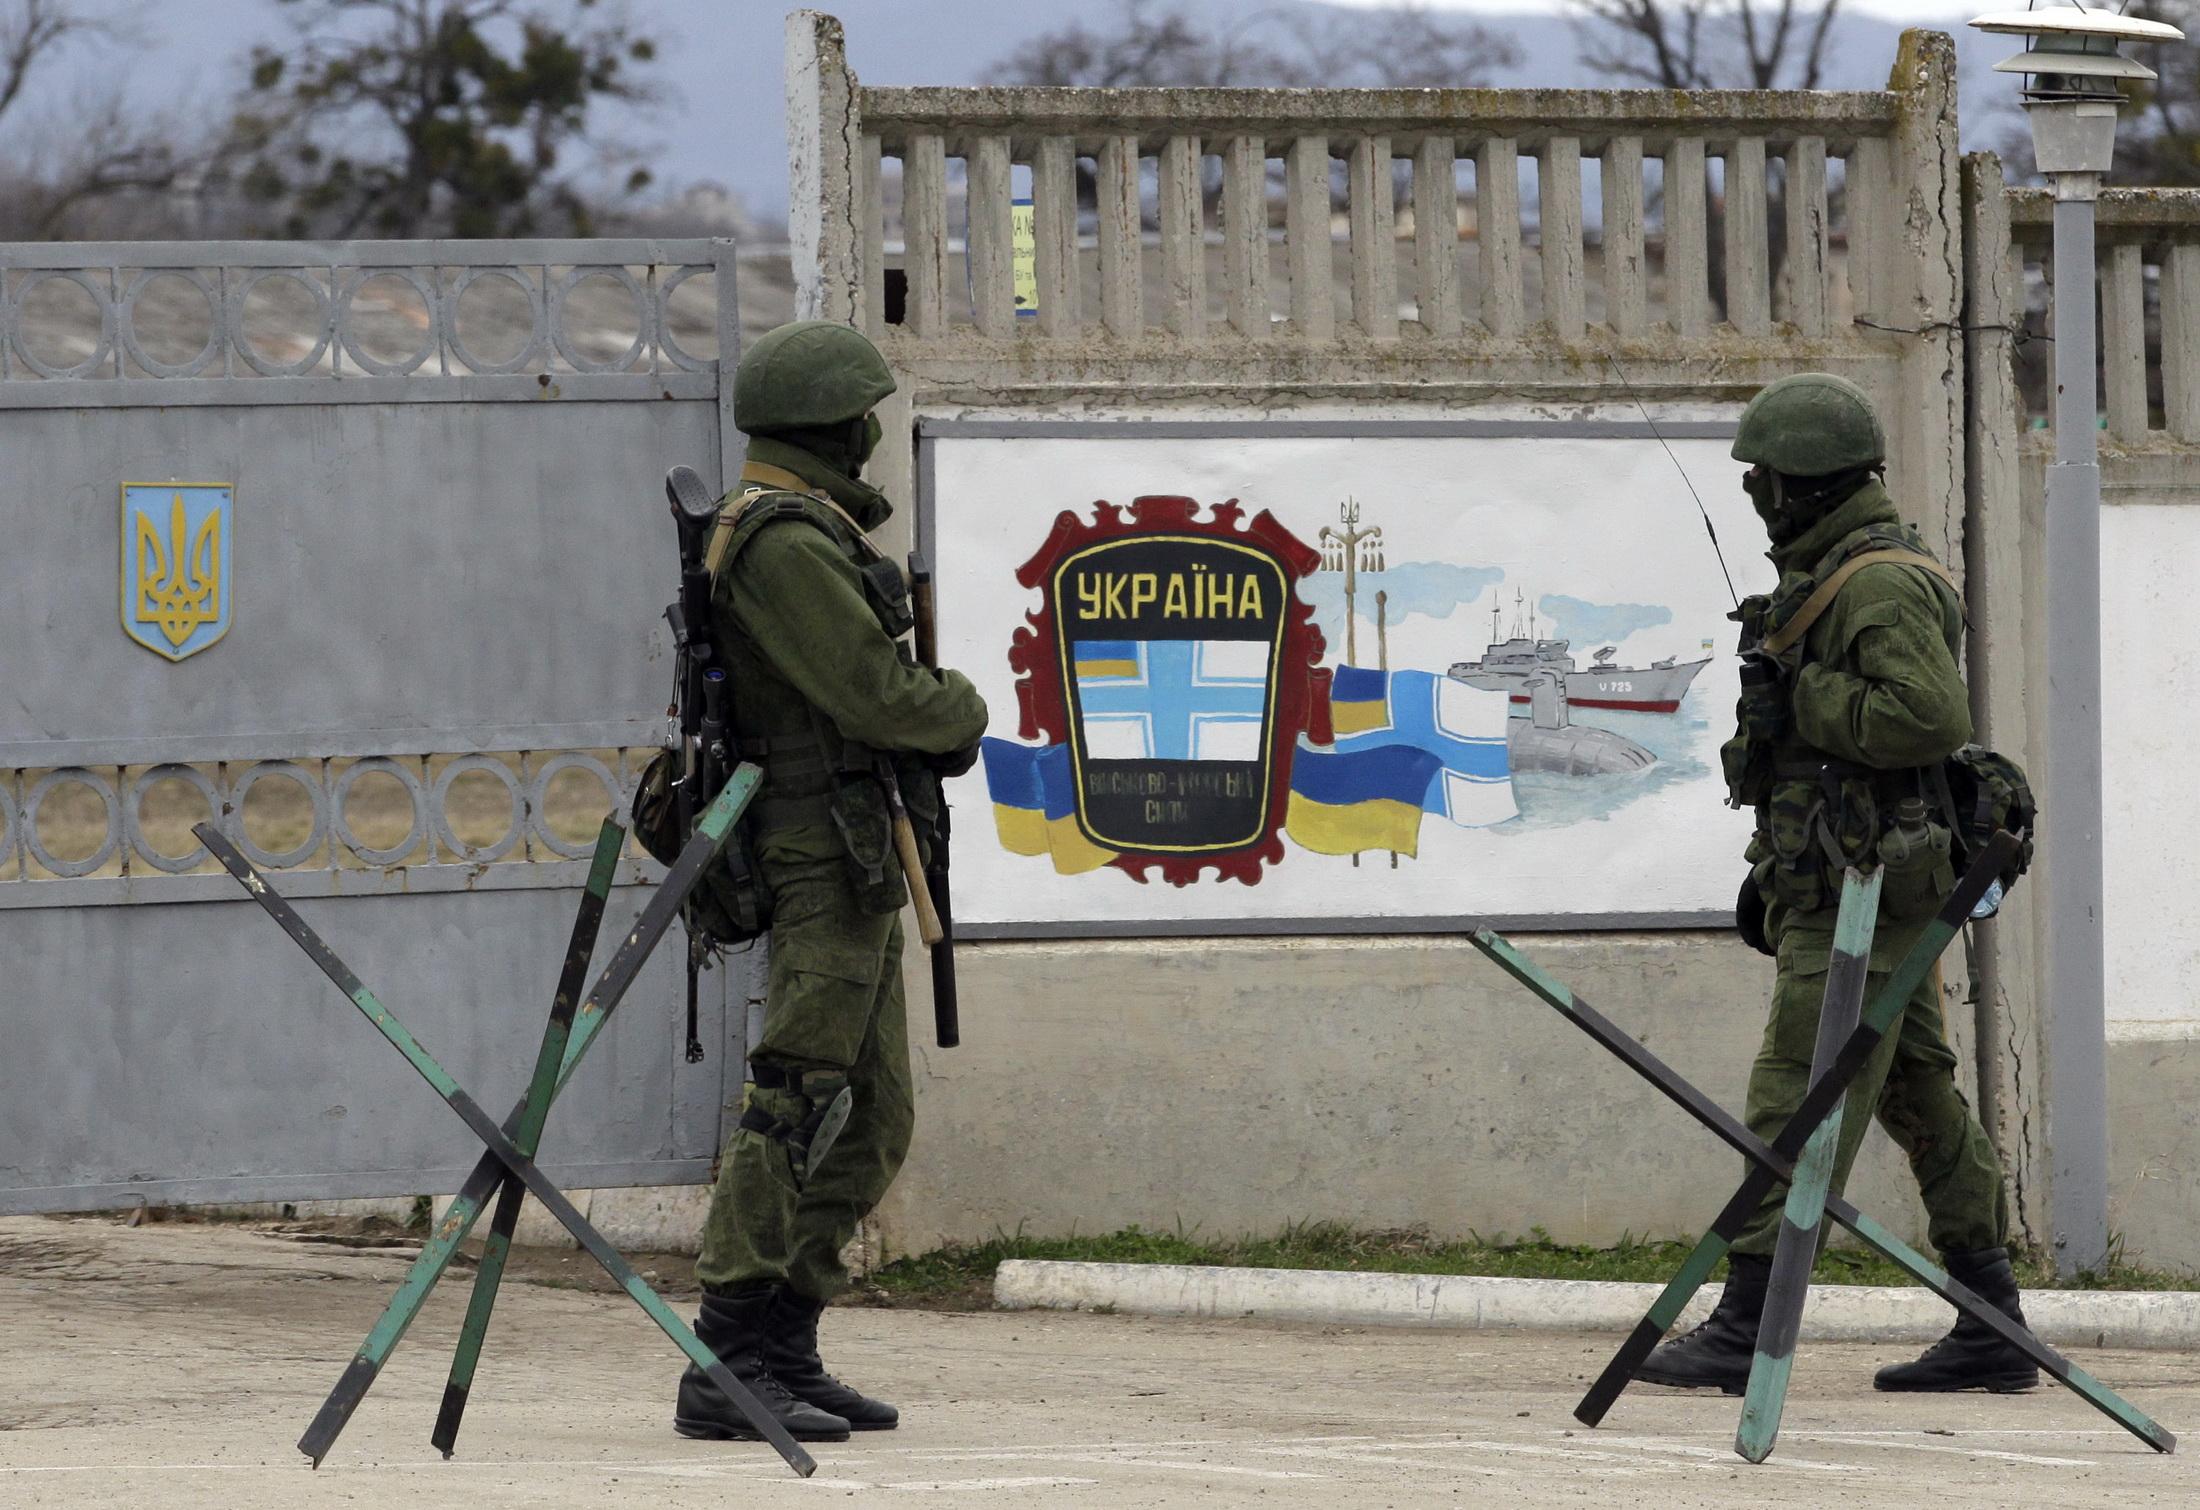 Хроніки окупації Криму: 1 березня, за крок від війни - фото 9